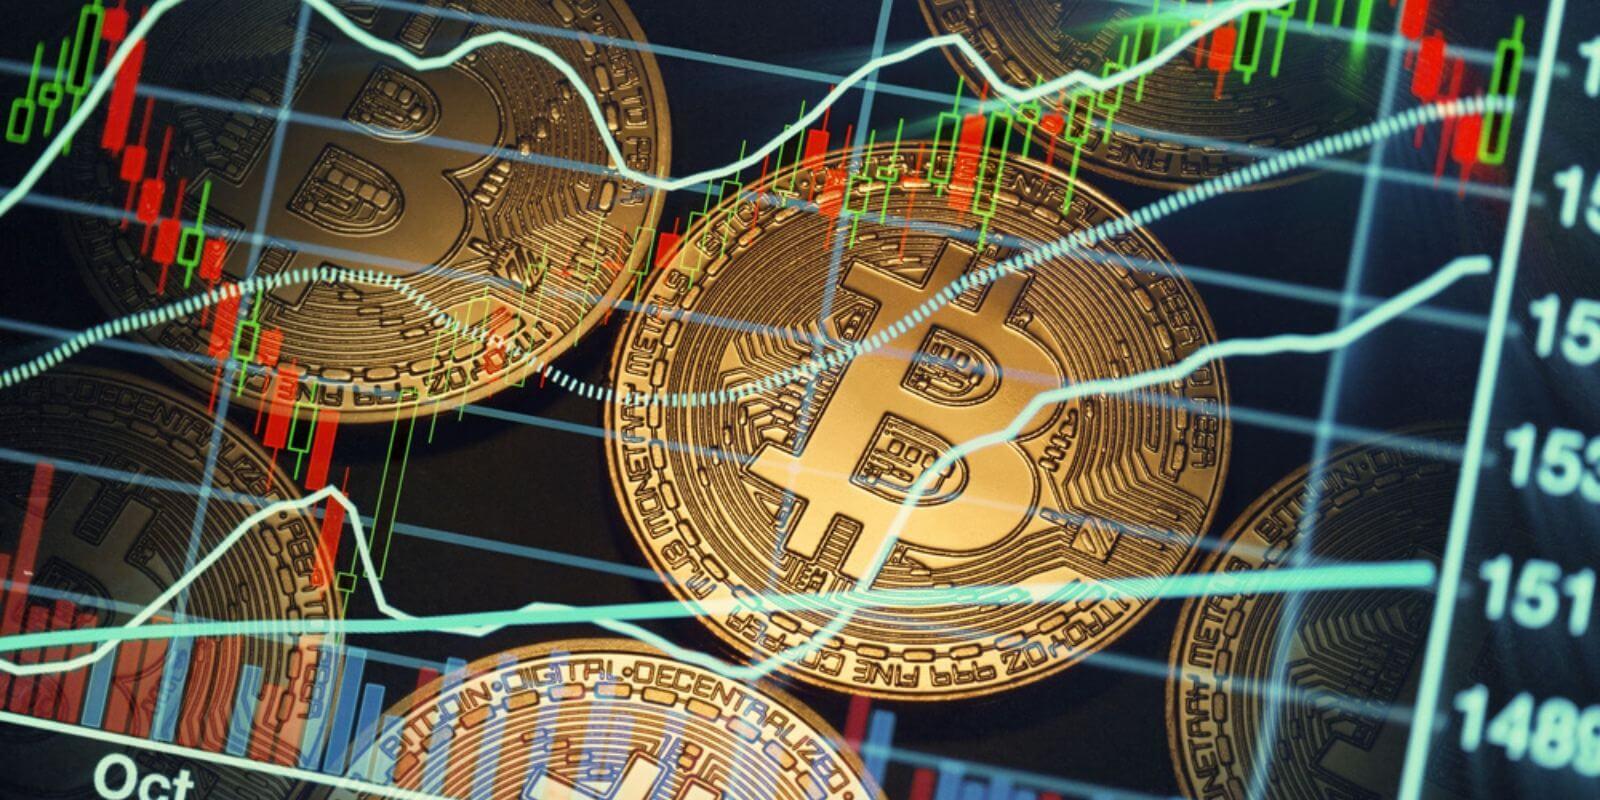 Comment spéculer sur la baisse du Bitcoin et des crypto-monnaies ?